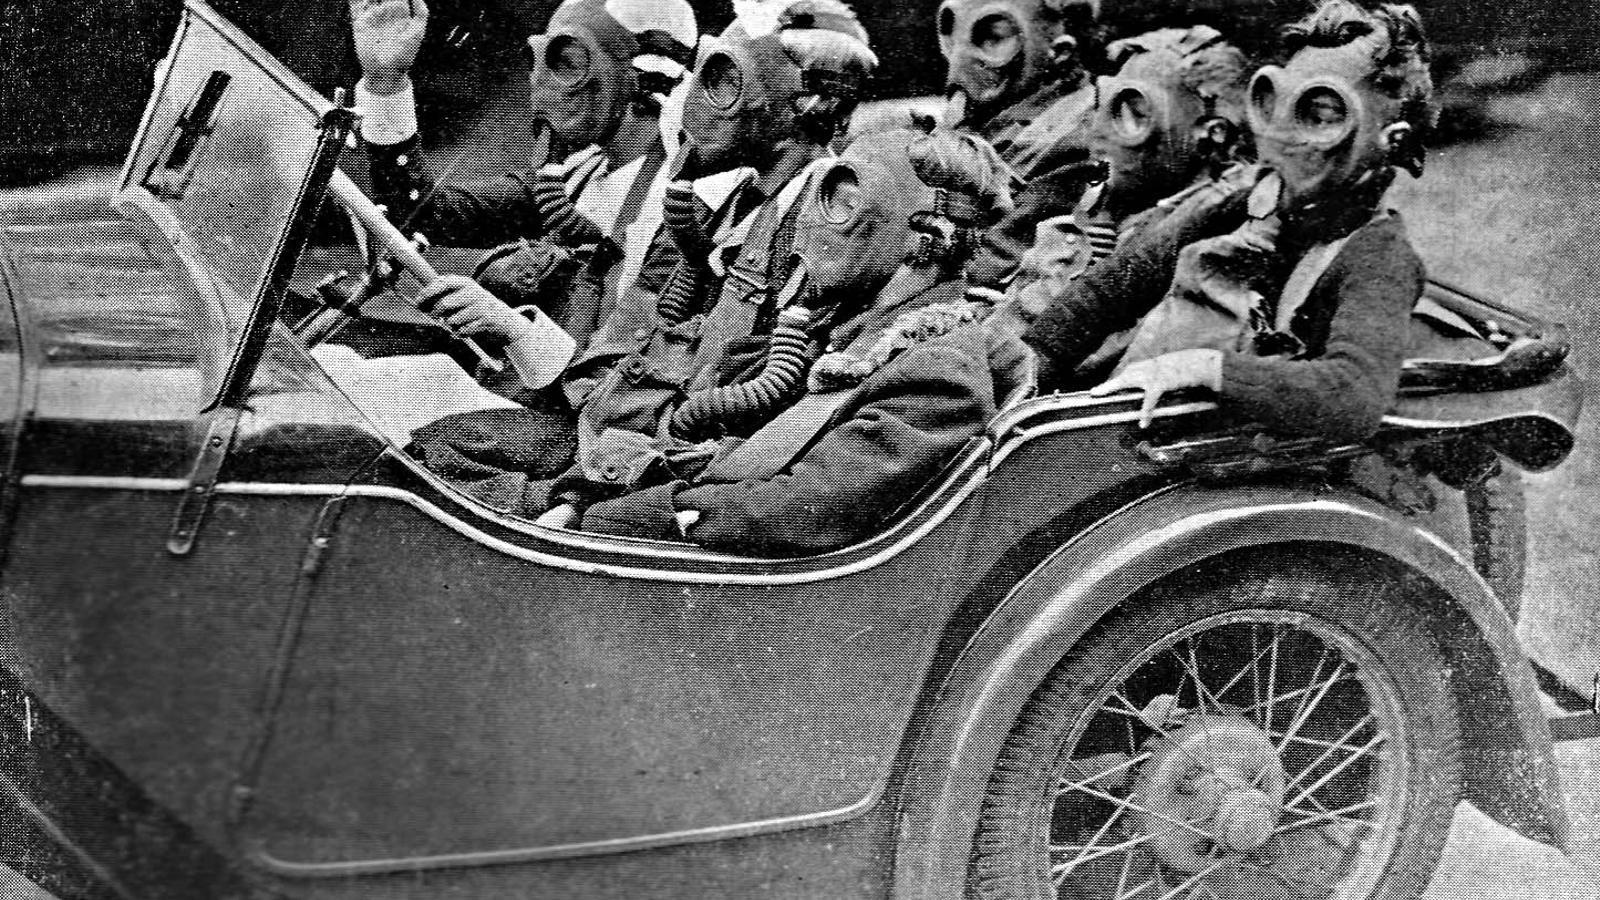 Març del 1938: Tres dies de terror aeri, més de 40 hores d'angoixa